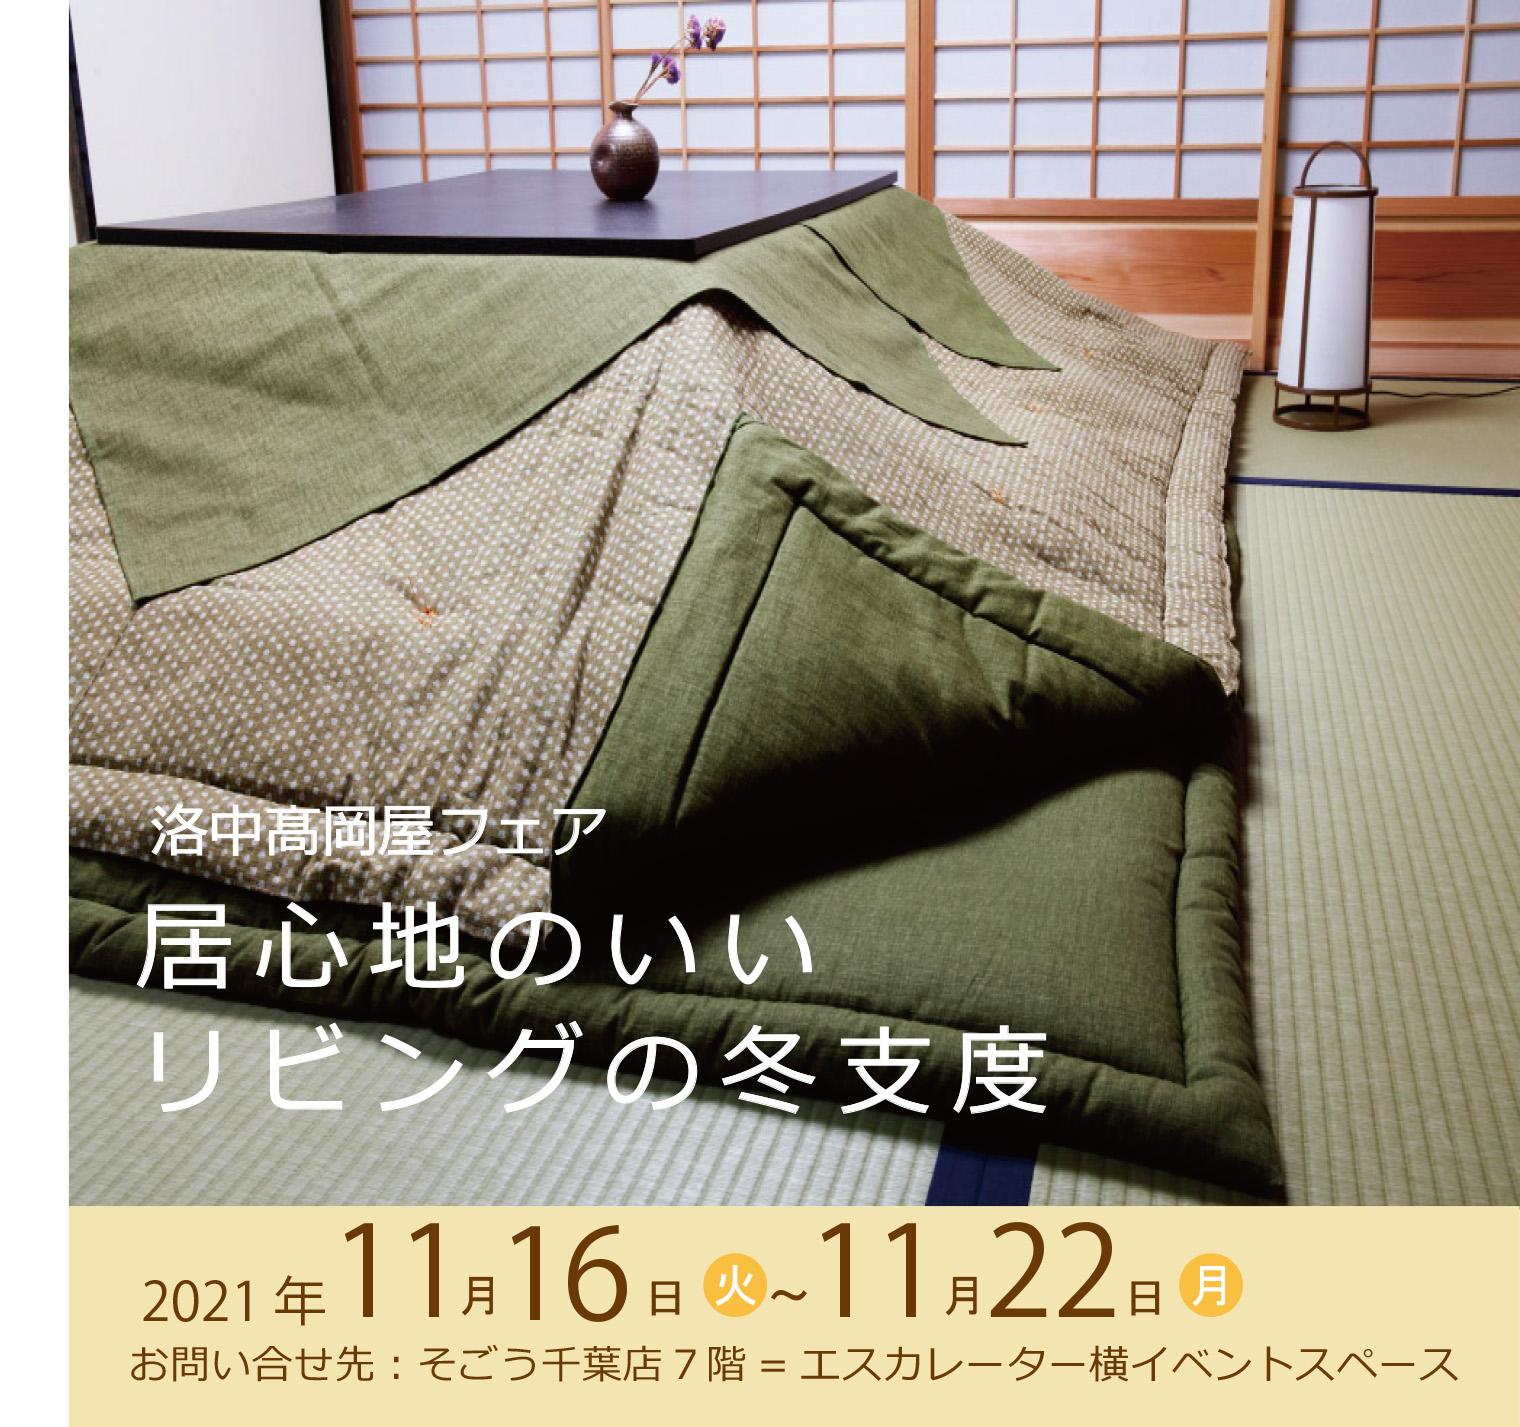 そごう千葉店 7階寝具売場イベントのご案内(11/16~11/22)